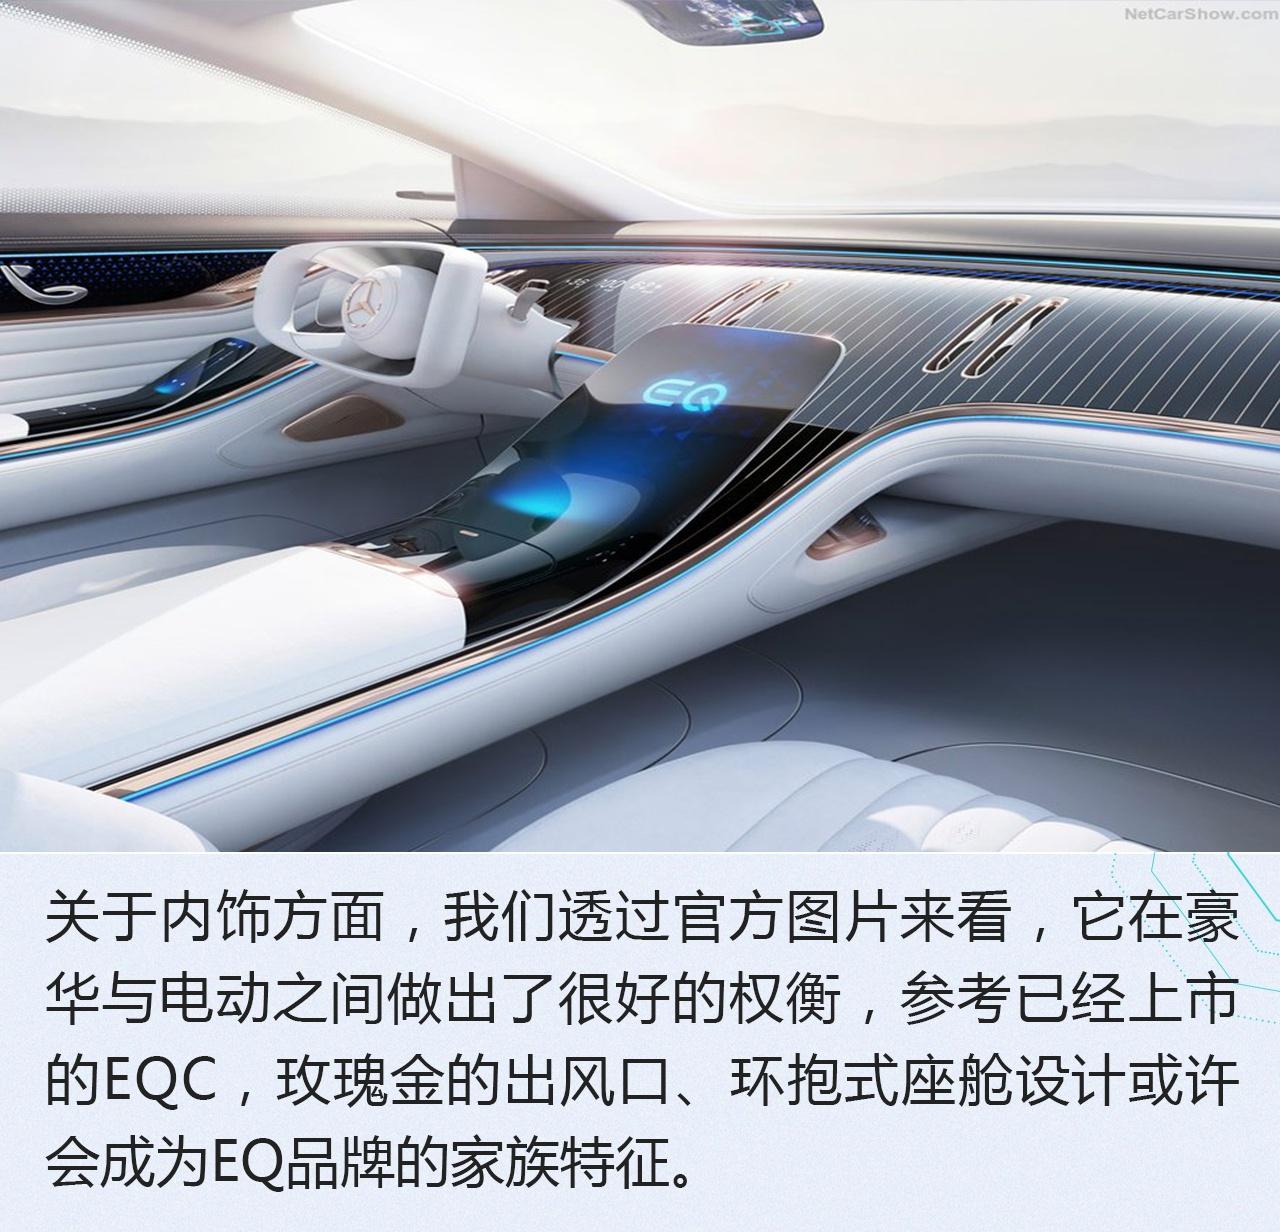 2019广州车展:电动与豪华的新结合 奔驰VISION EQS概念车解析